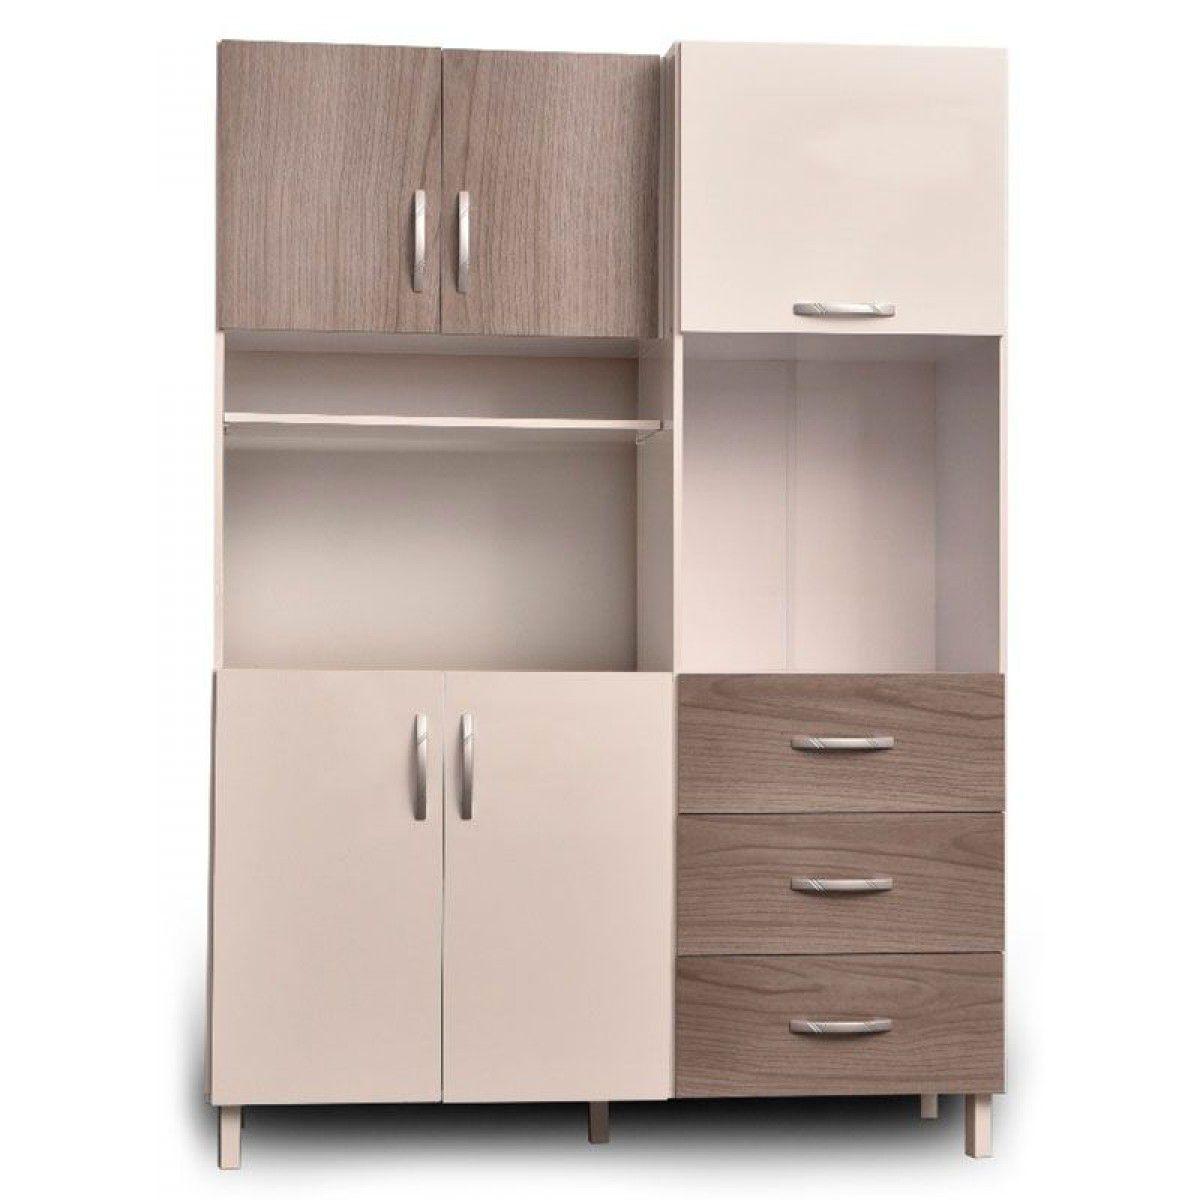 Muebles De Cocina X8d1 Muebles Cocina Mueble Cocina Maximo 5p Gris Blanco En Cetrogar